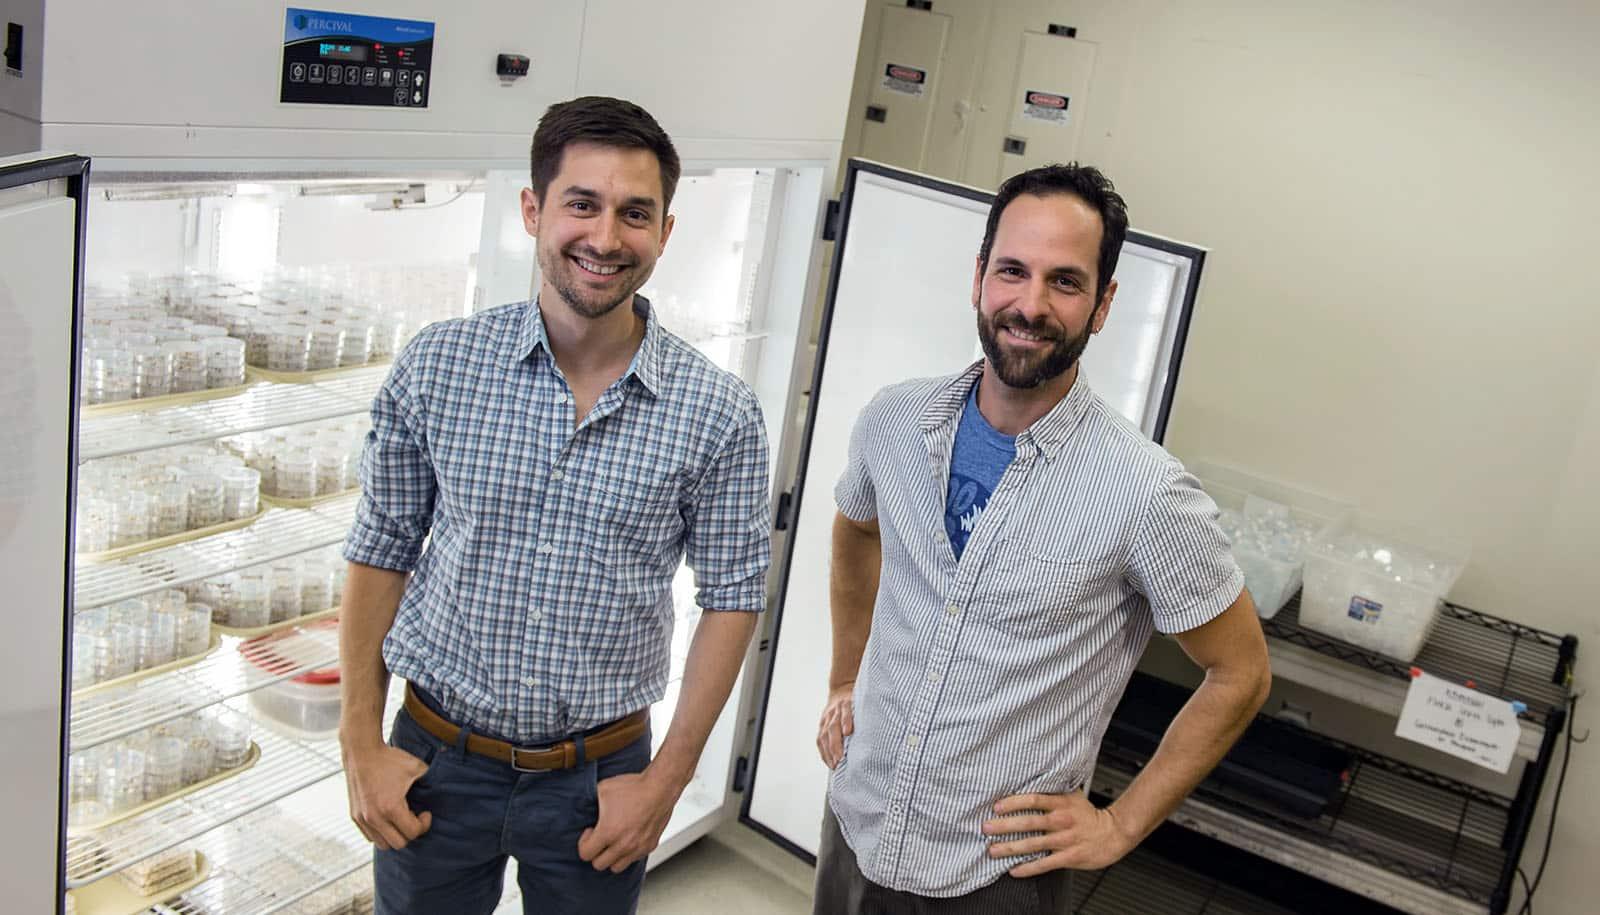 Brad Ochocki, left, and Tom Miller